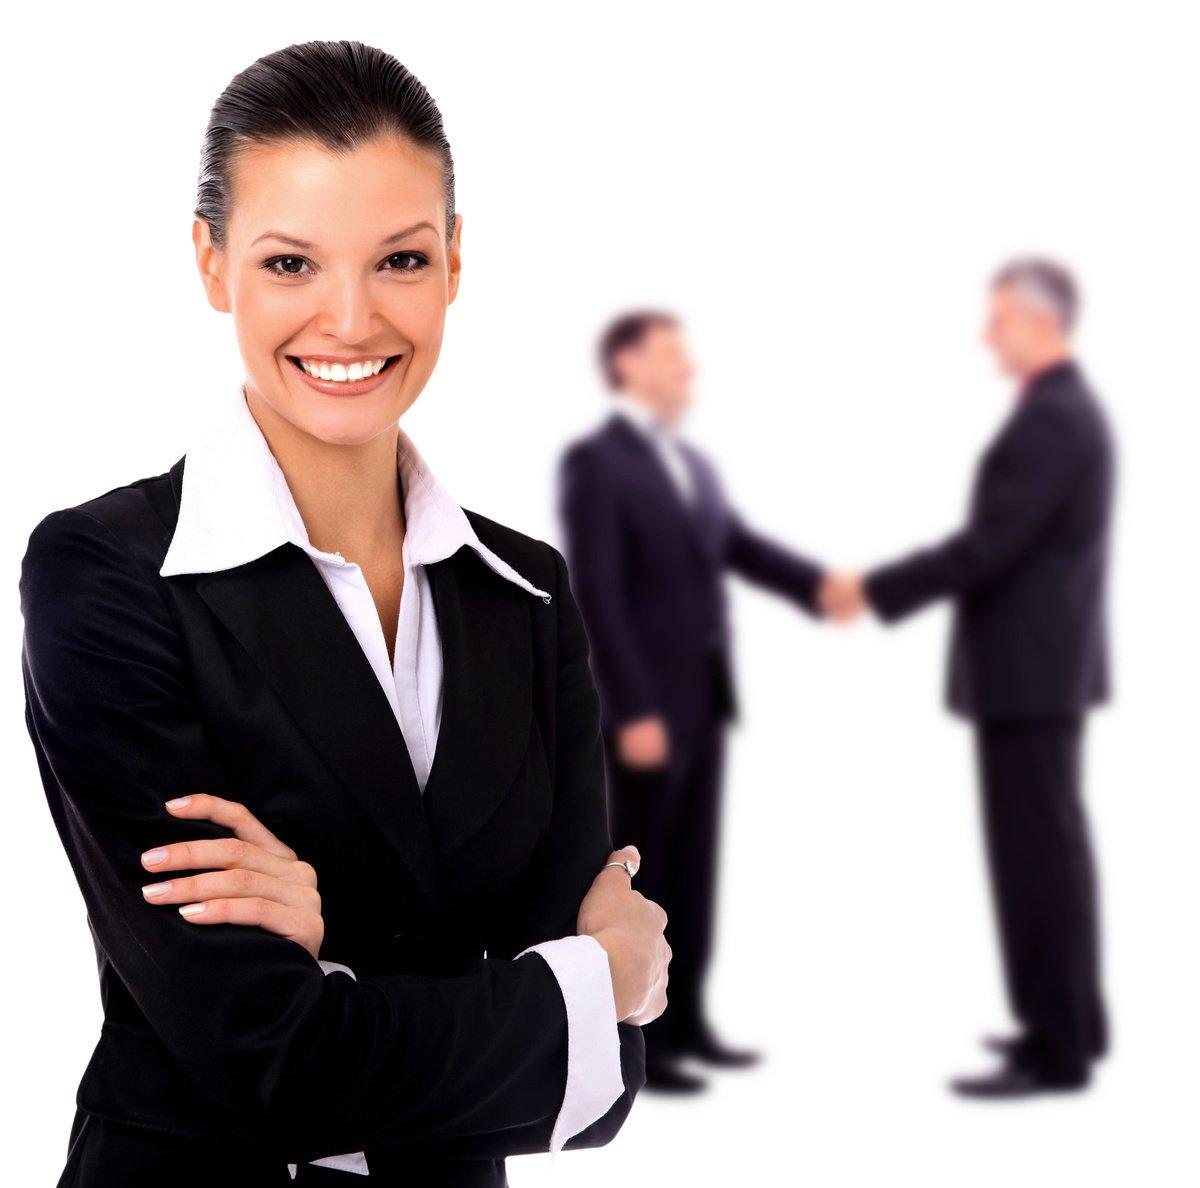 正式商務穿著,正式的工作餐與大型會議都有這樣的著裝要求。女士素雅顏色修身西裝褲或西裝及膝裙。一般來說黑色、深灰色、深藍色都是不錯選擇。(fotolia)